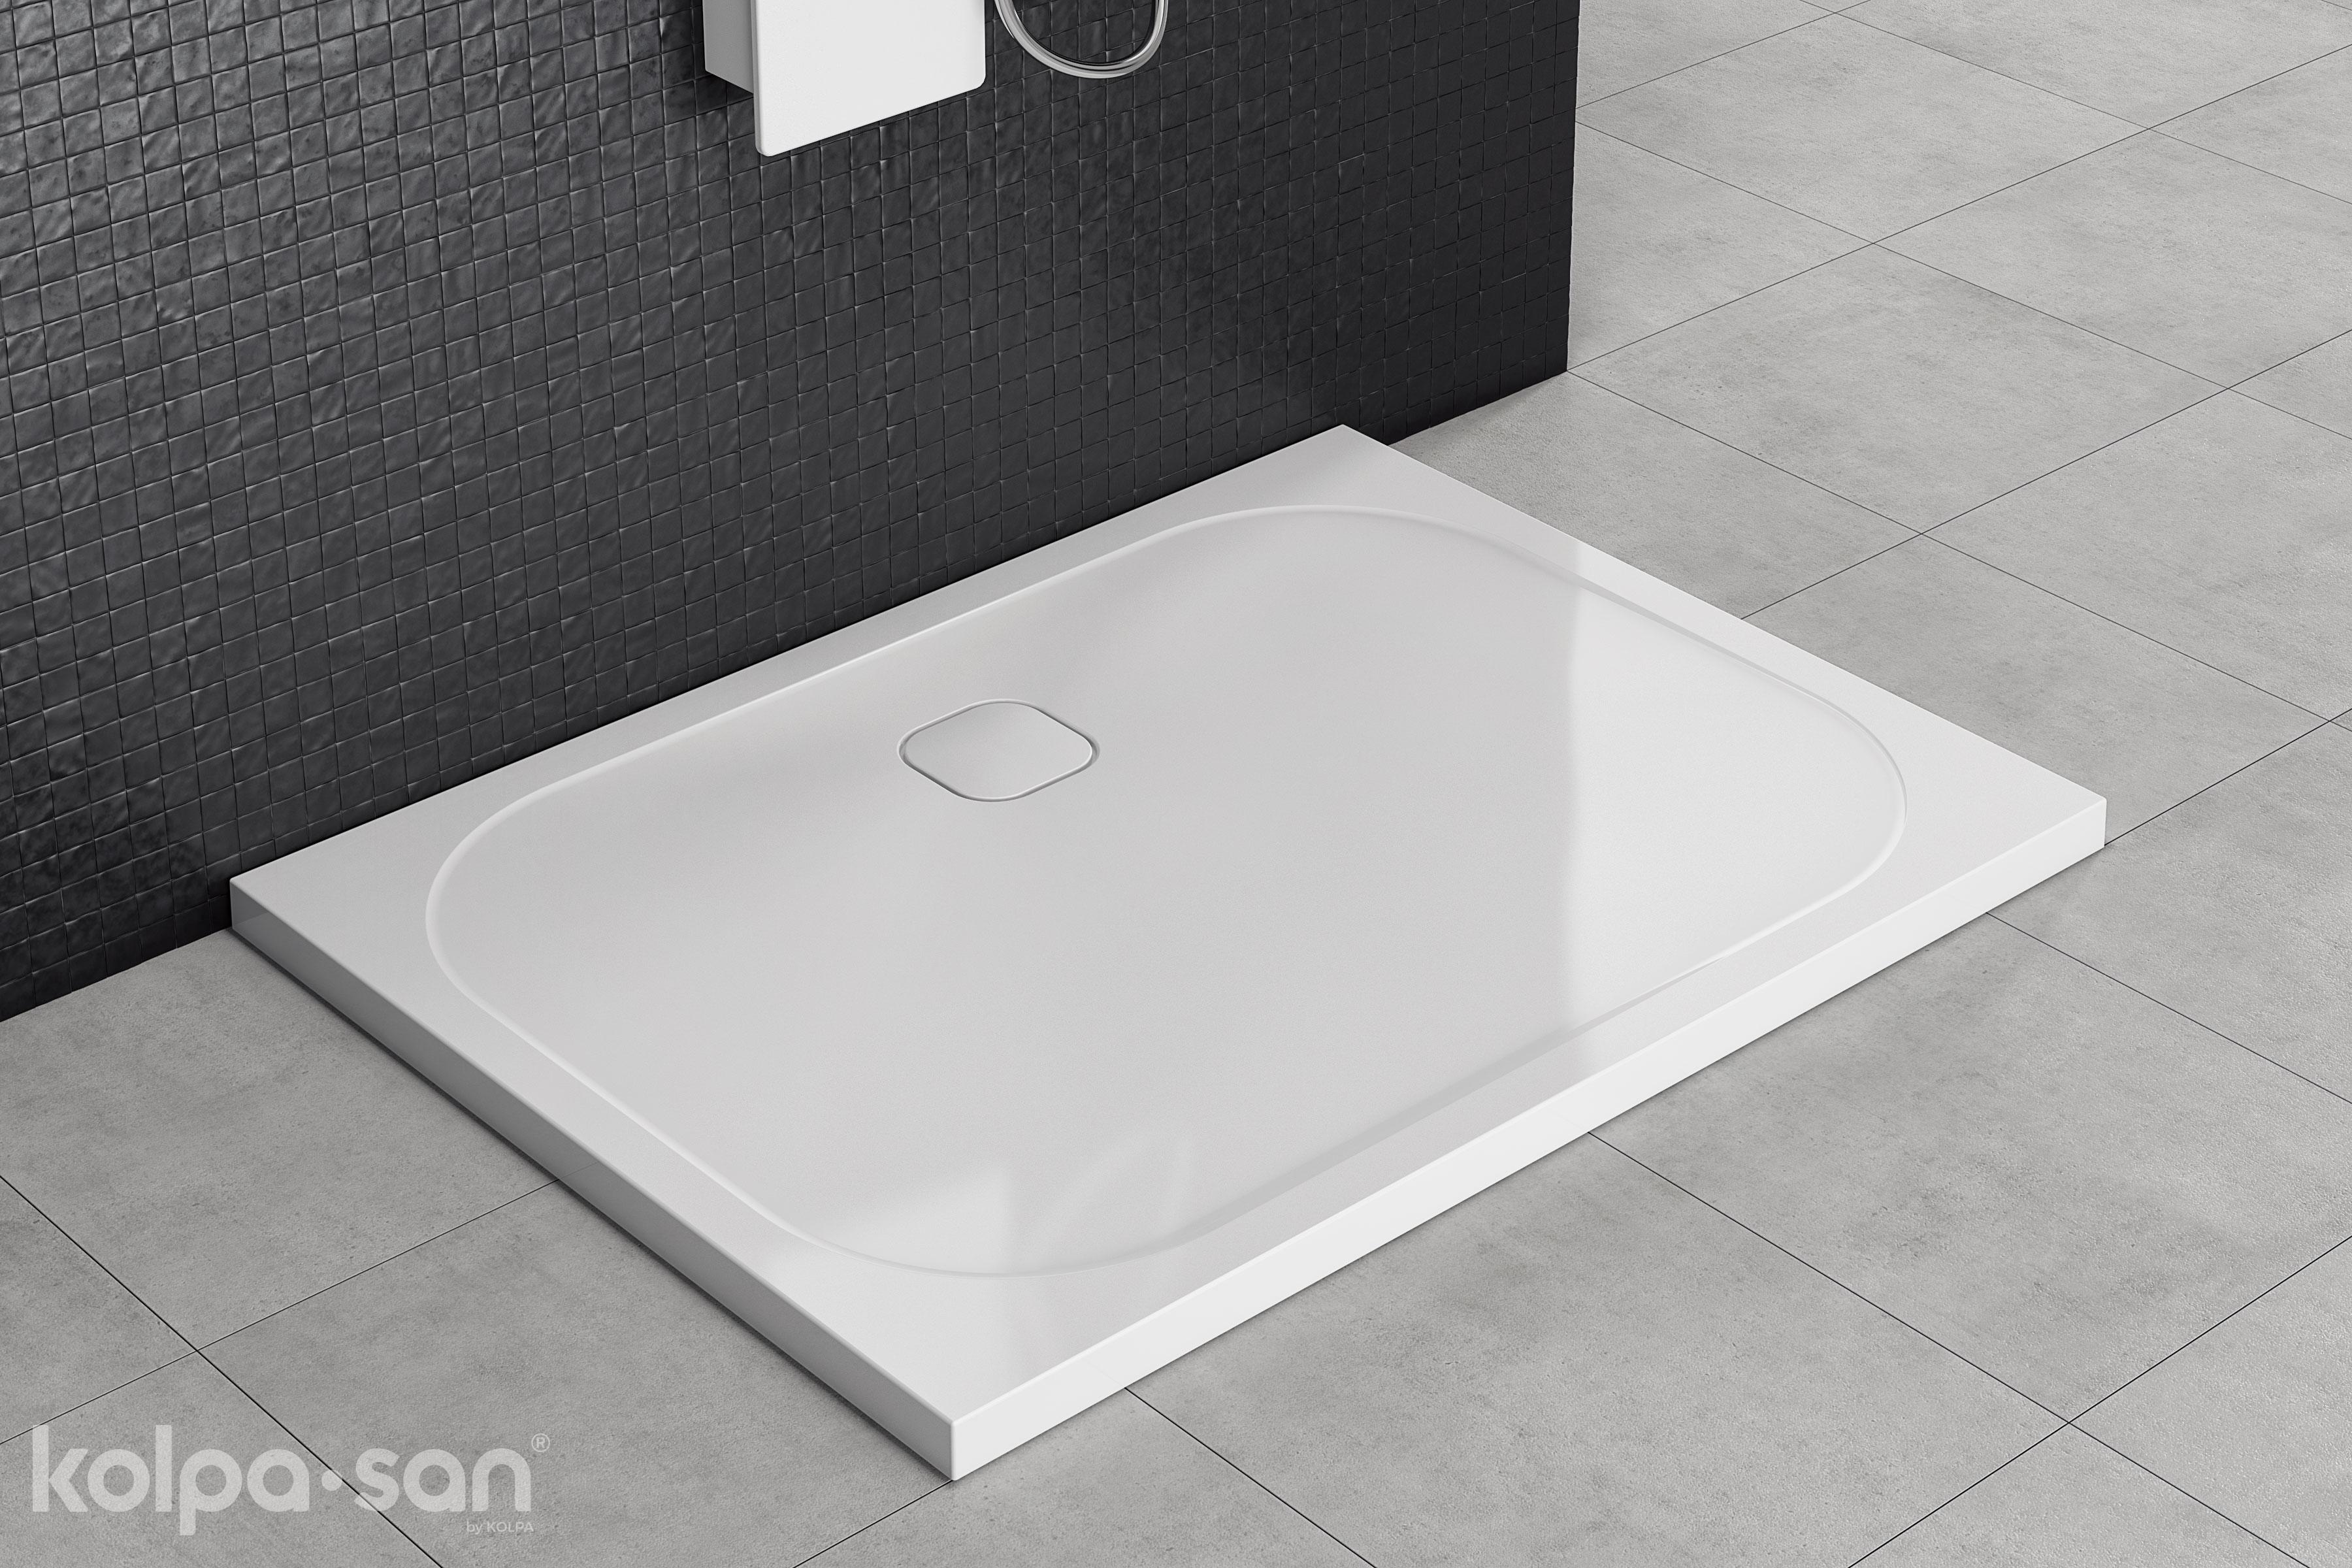 Vybavení koupelen pod značkou KOLPA-SAN